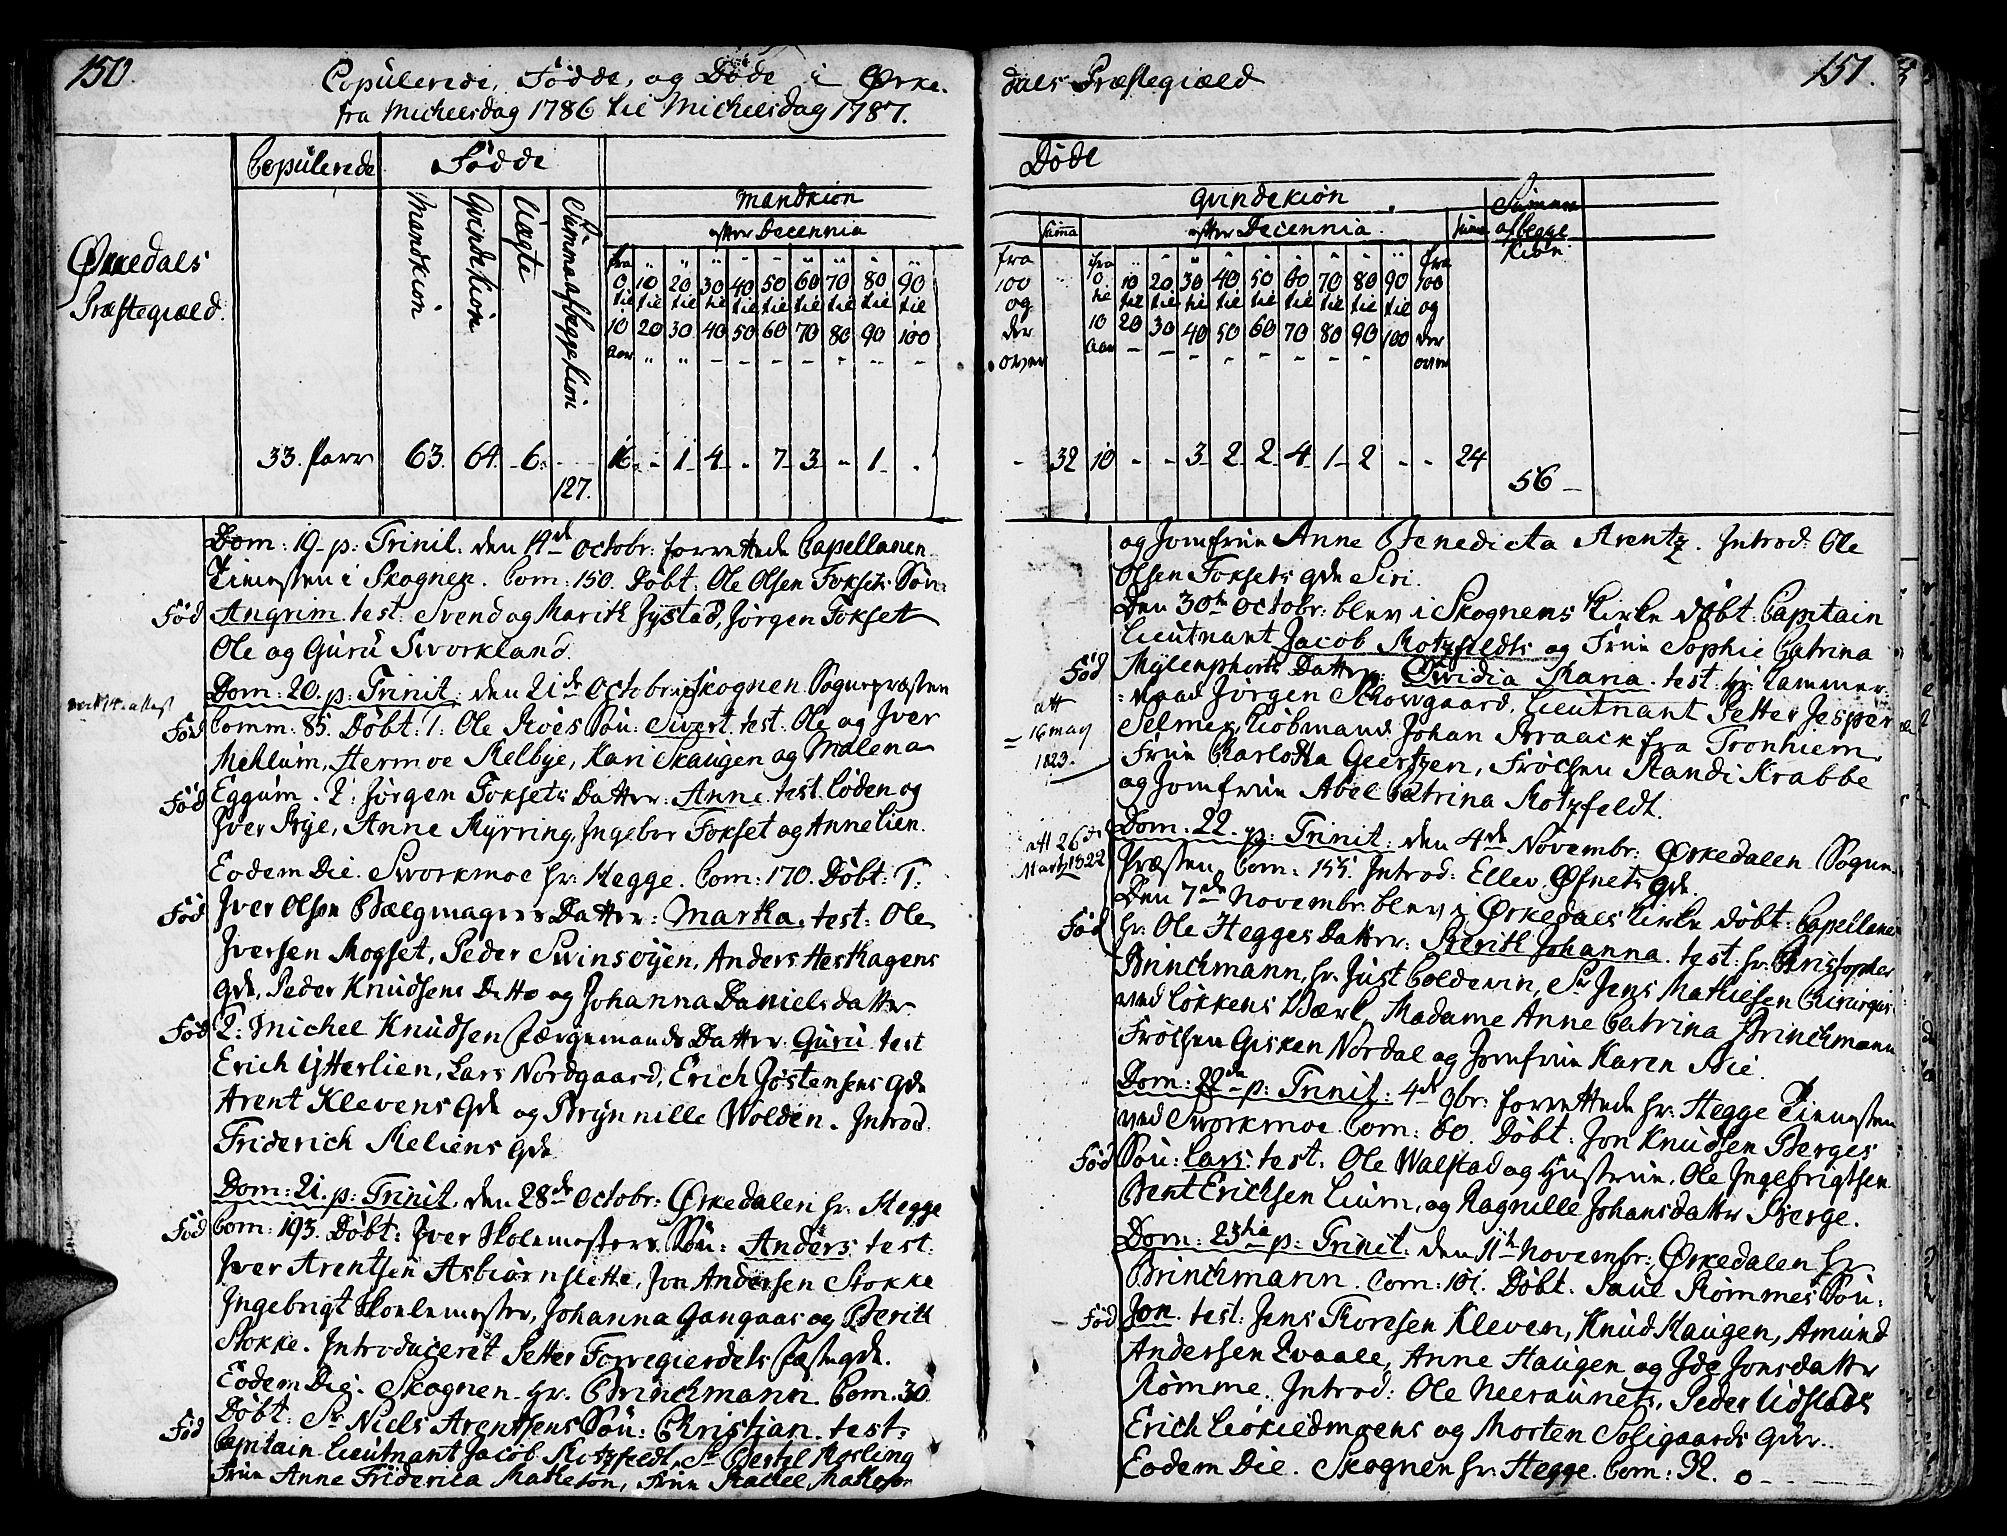 SAT, Ministerialprotokoller, klokkerbøker og fødselsregistre - Sør-Trøndelag, 668/L0802: Ministerialbok nr. 668A02, 1776-1799, s. 150-151